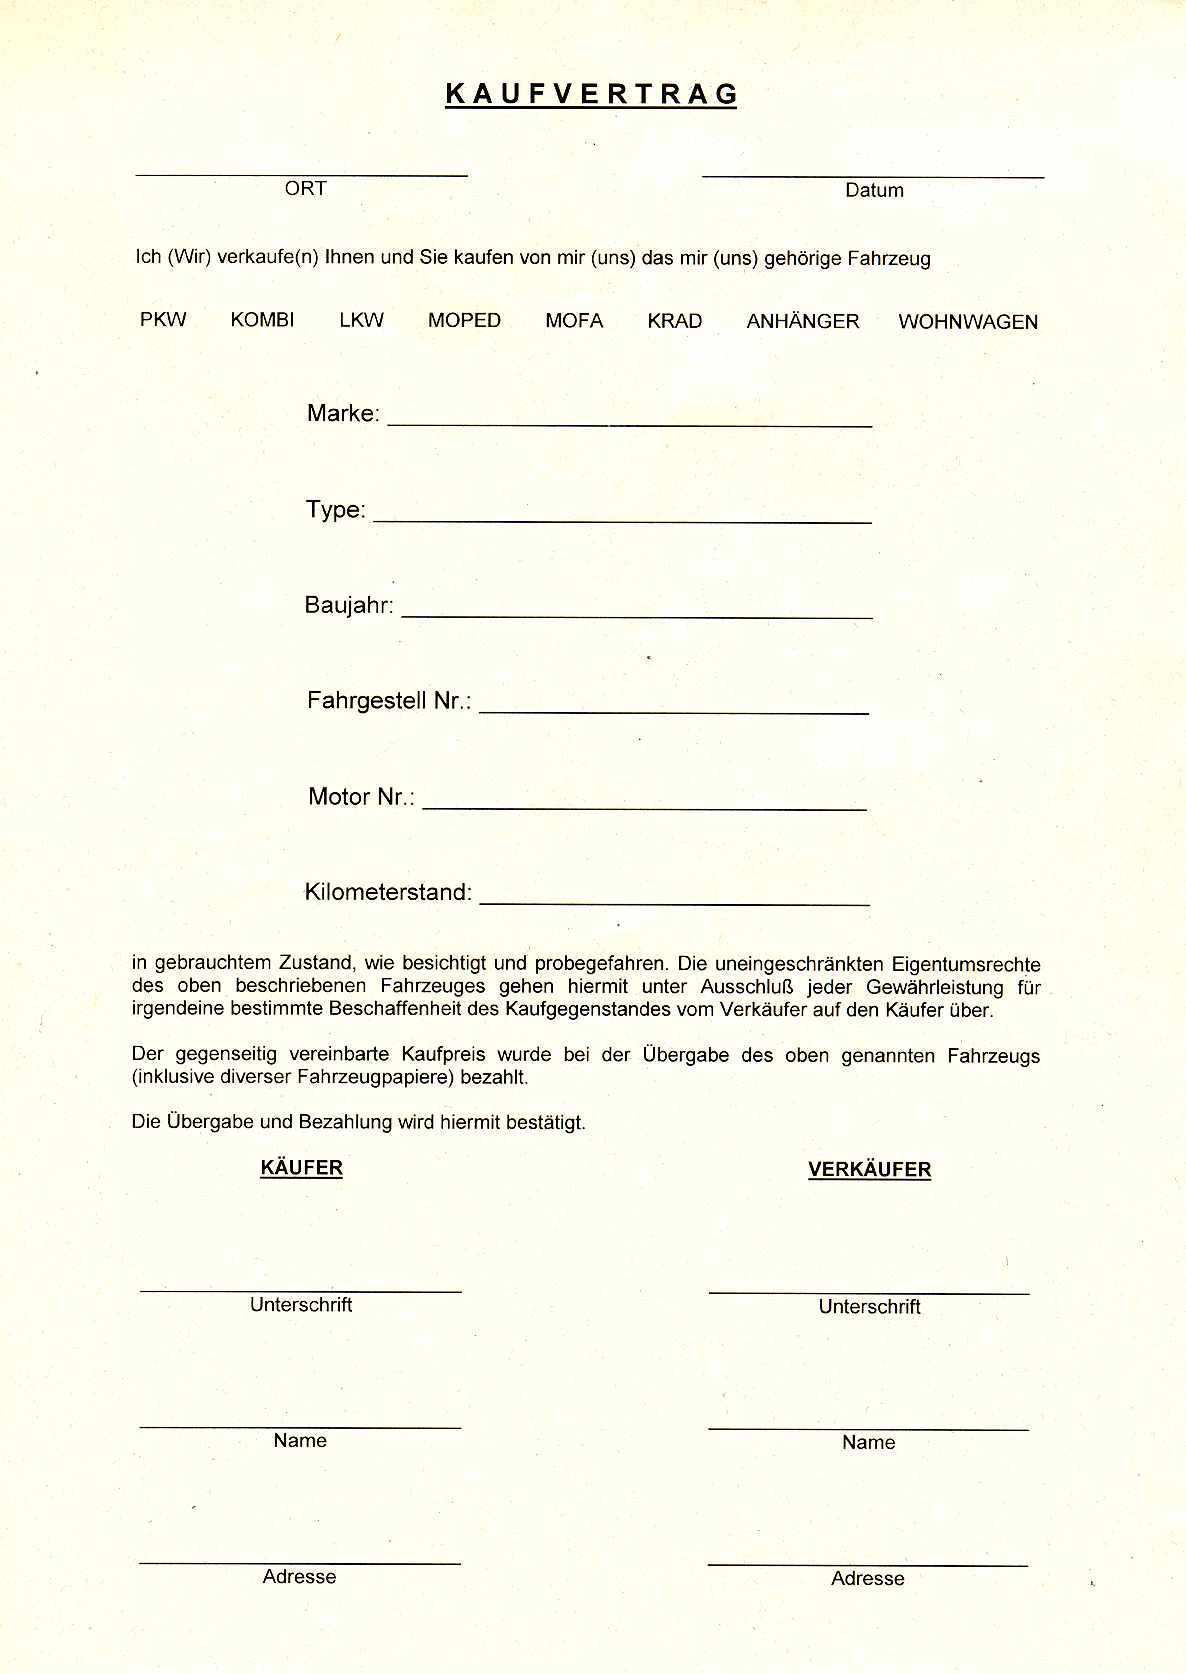 Allgemeiner Kfz Kaufvertrag Wolle Kaufen Kaufvertrag Vertrag